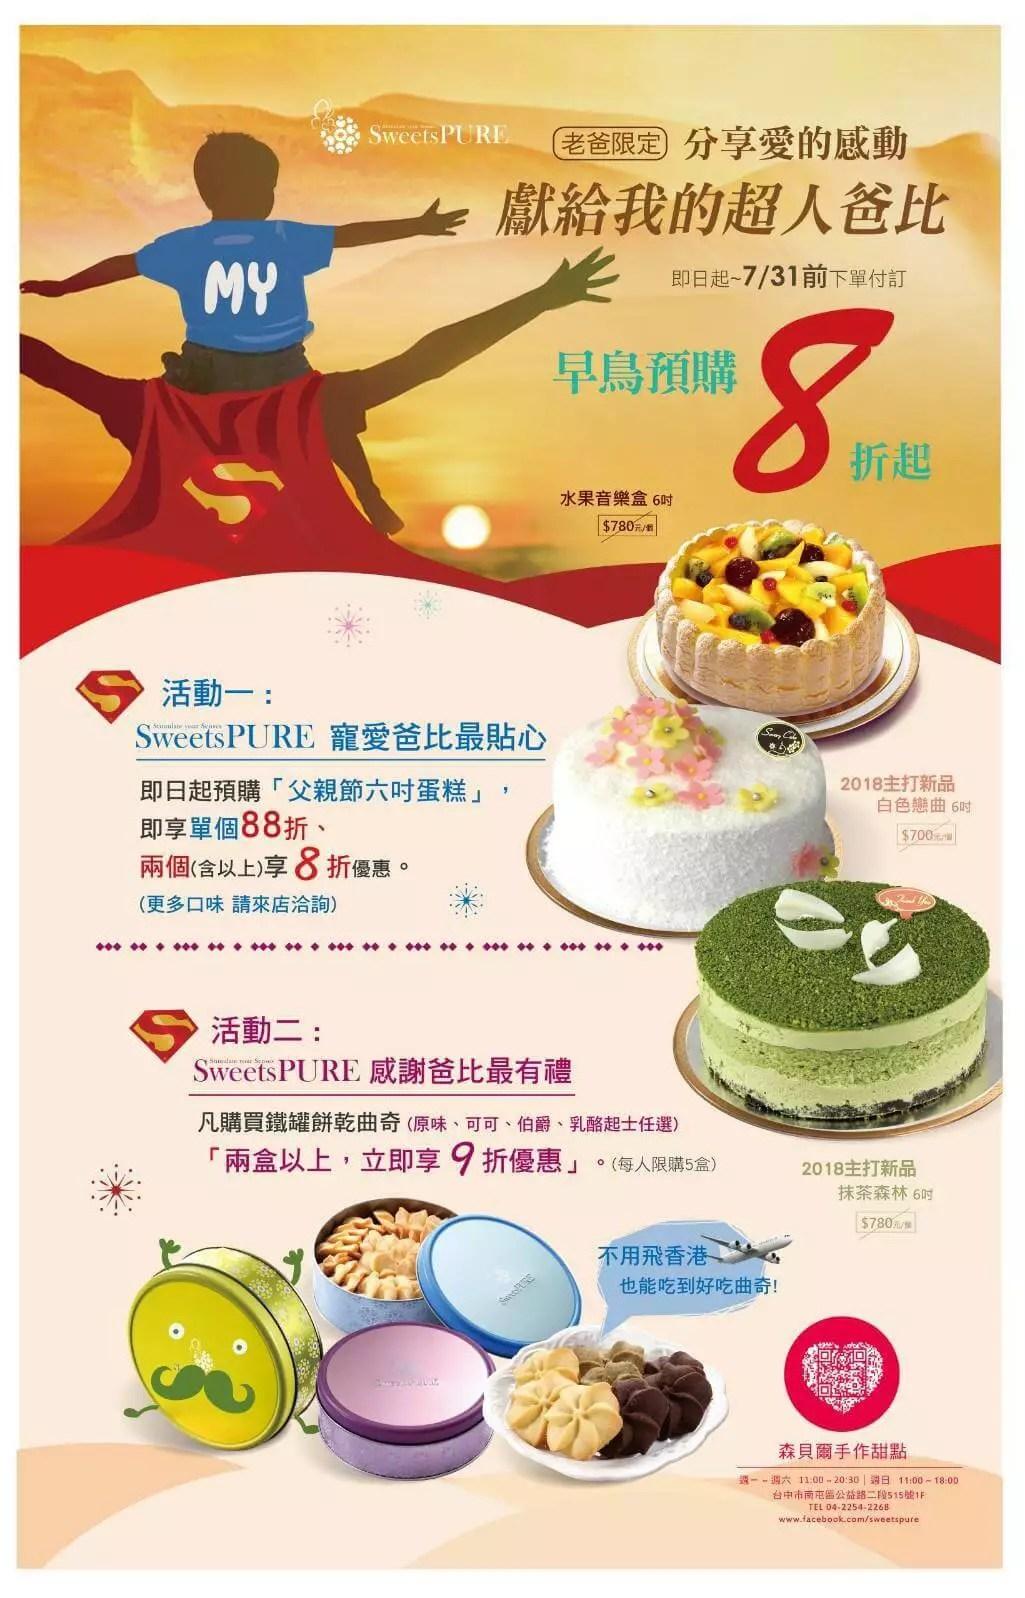 台中甜點店SweetsPURE-148